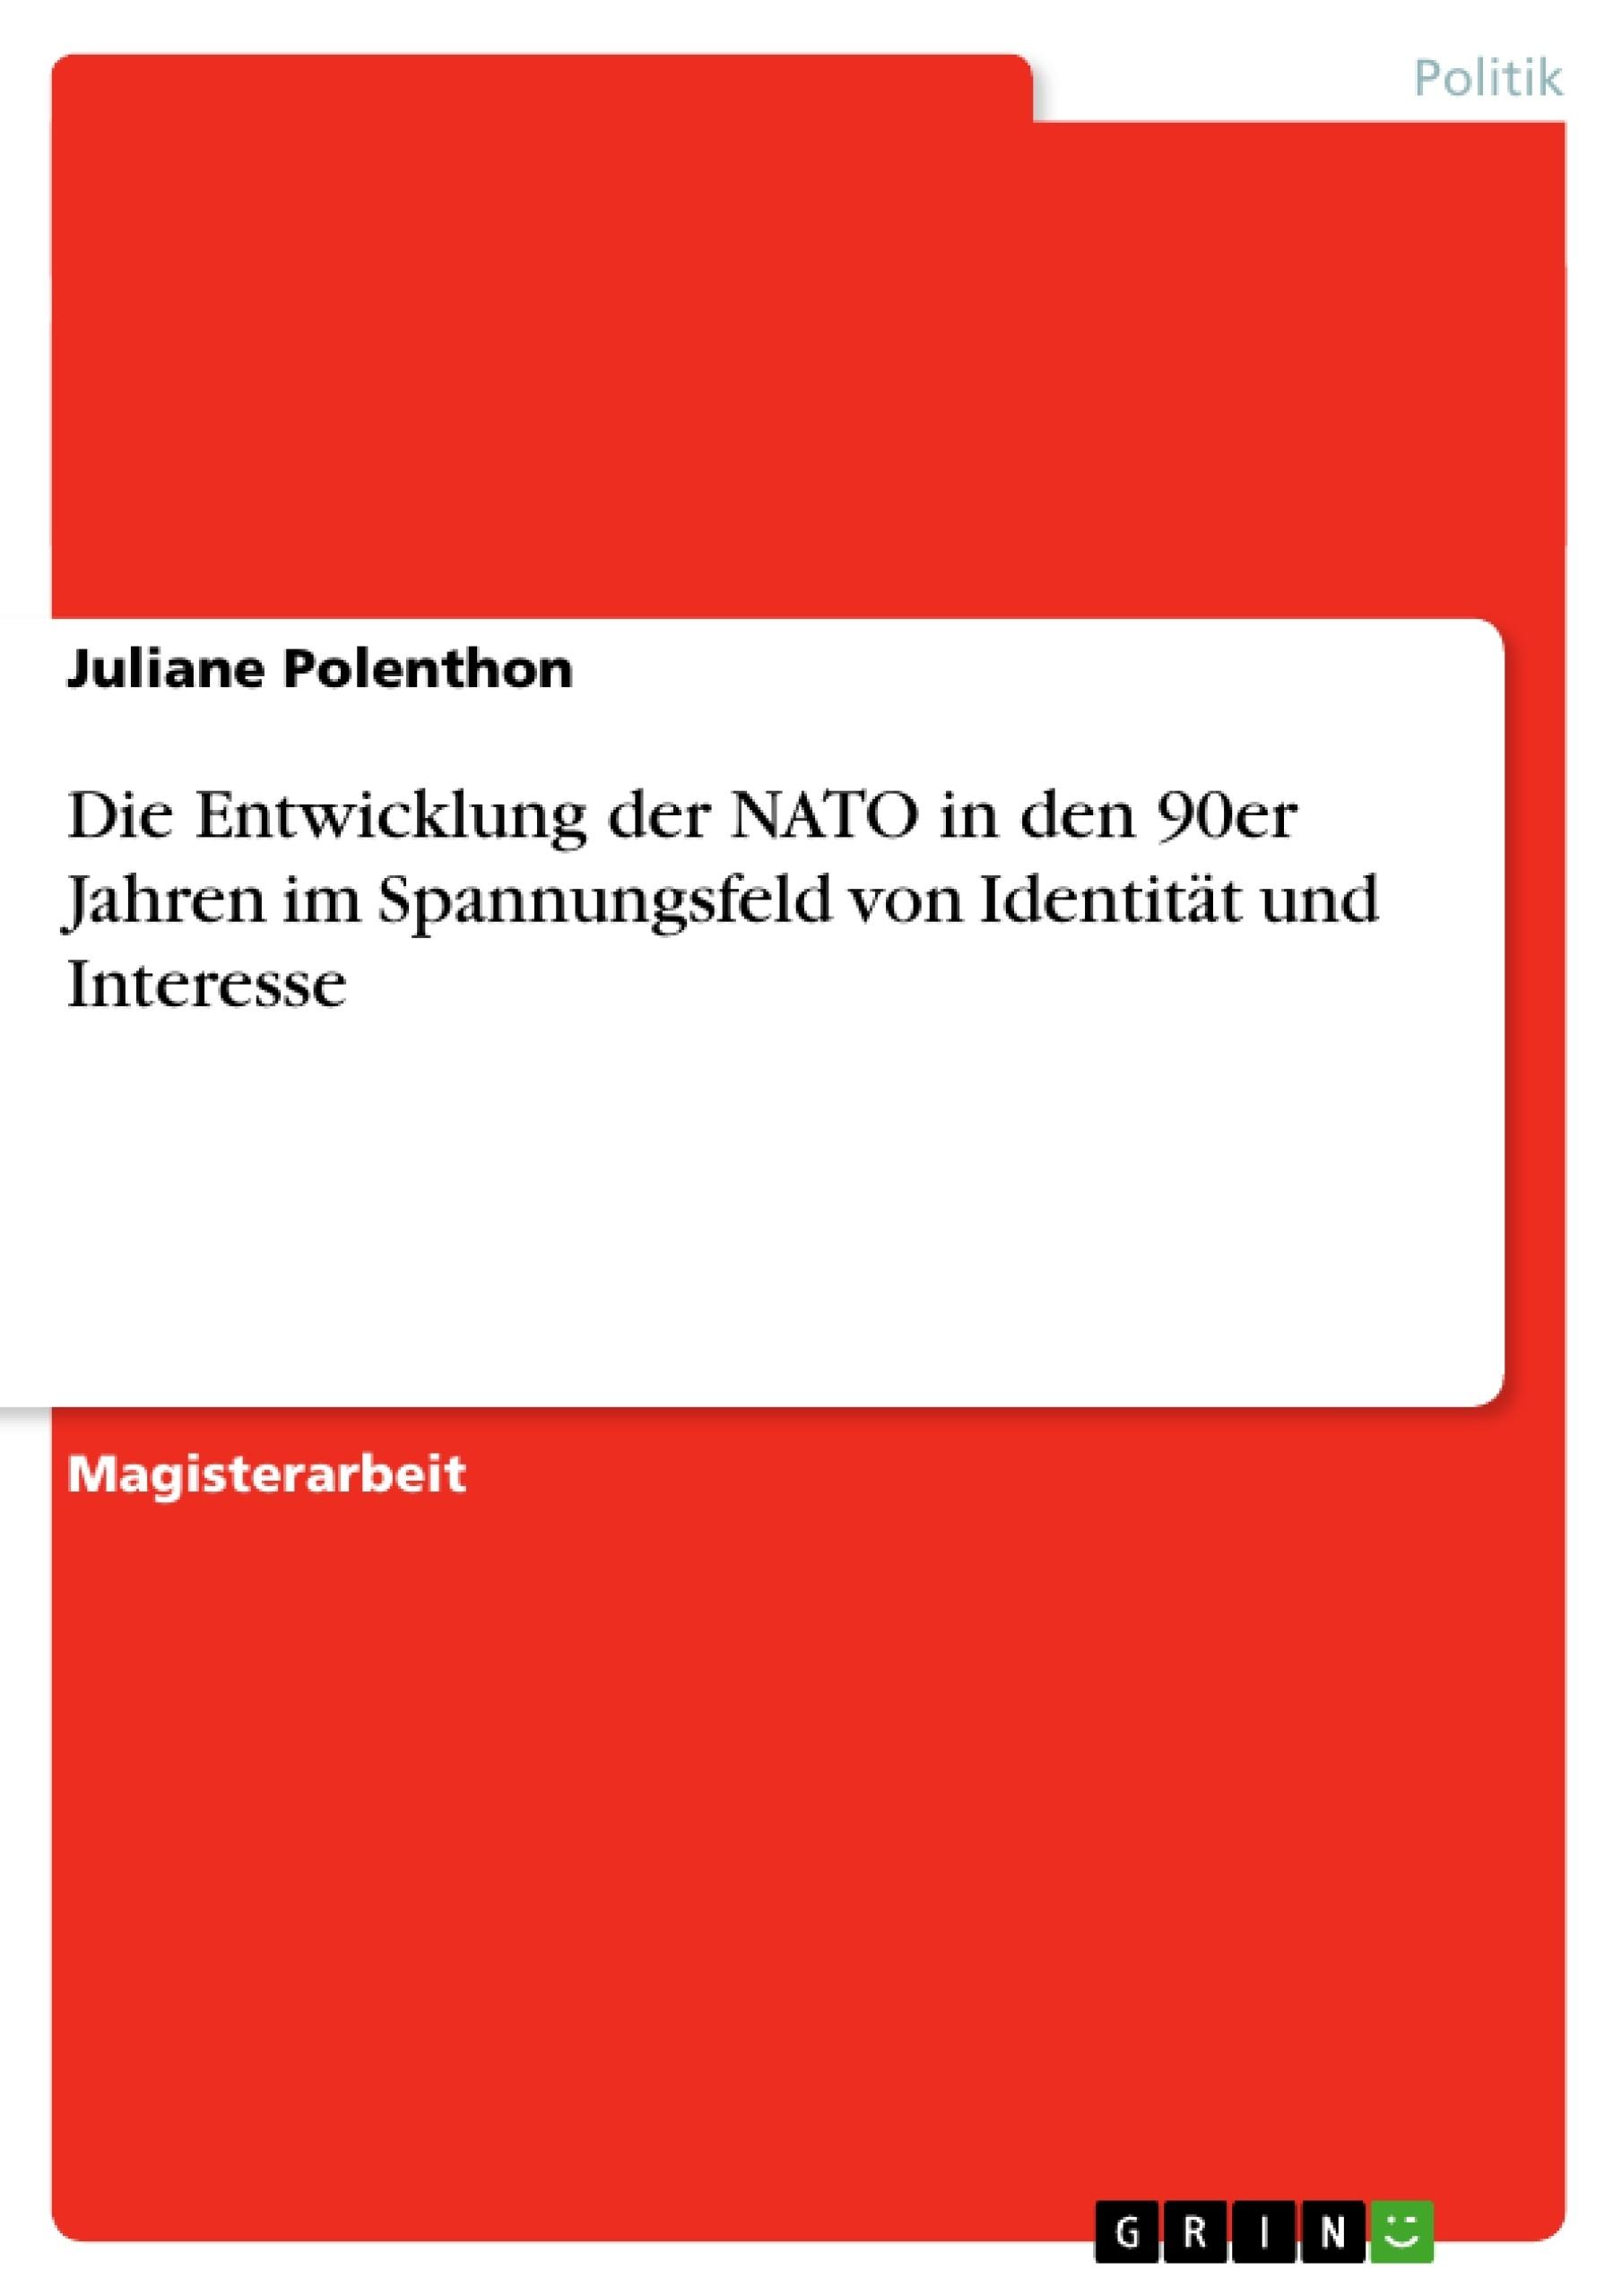 Titel: Die Entwicklung der NATO in den 90er Jahren im Spannungsfeld von Identität und Interesse